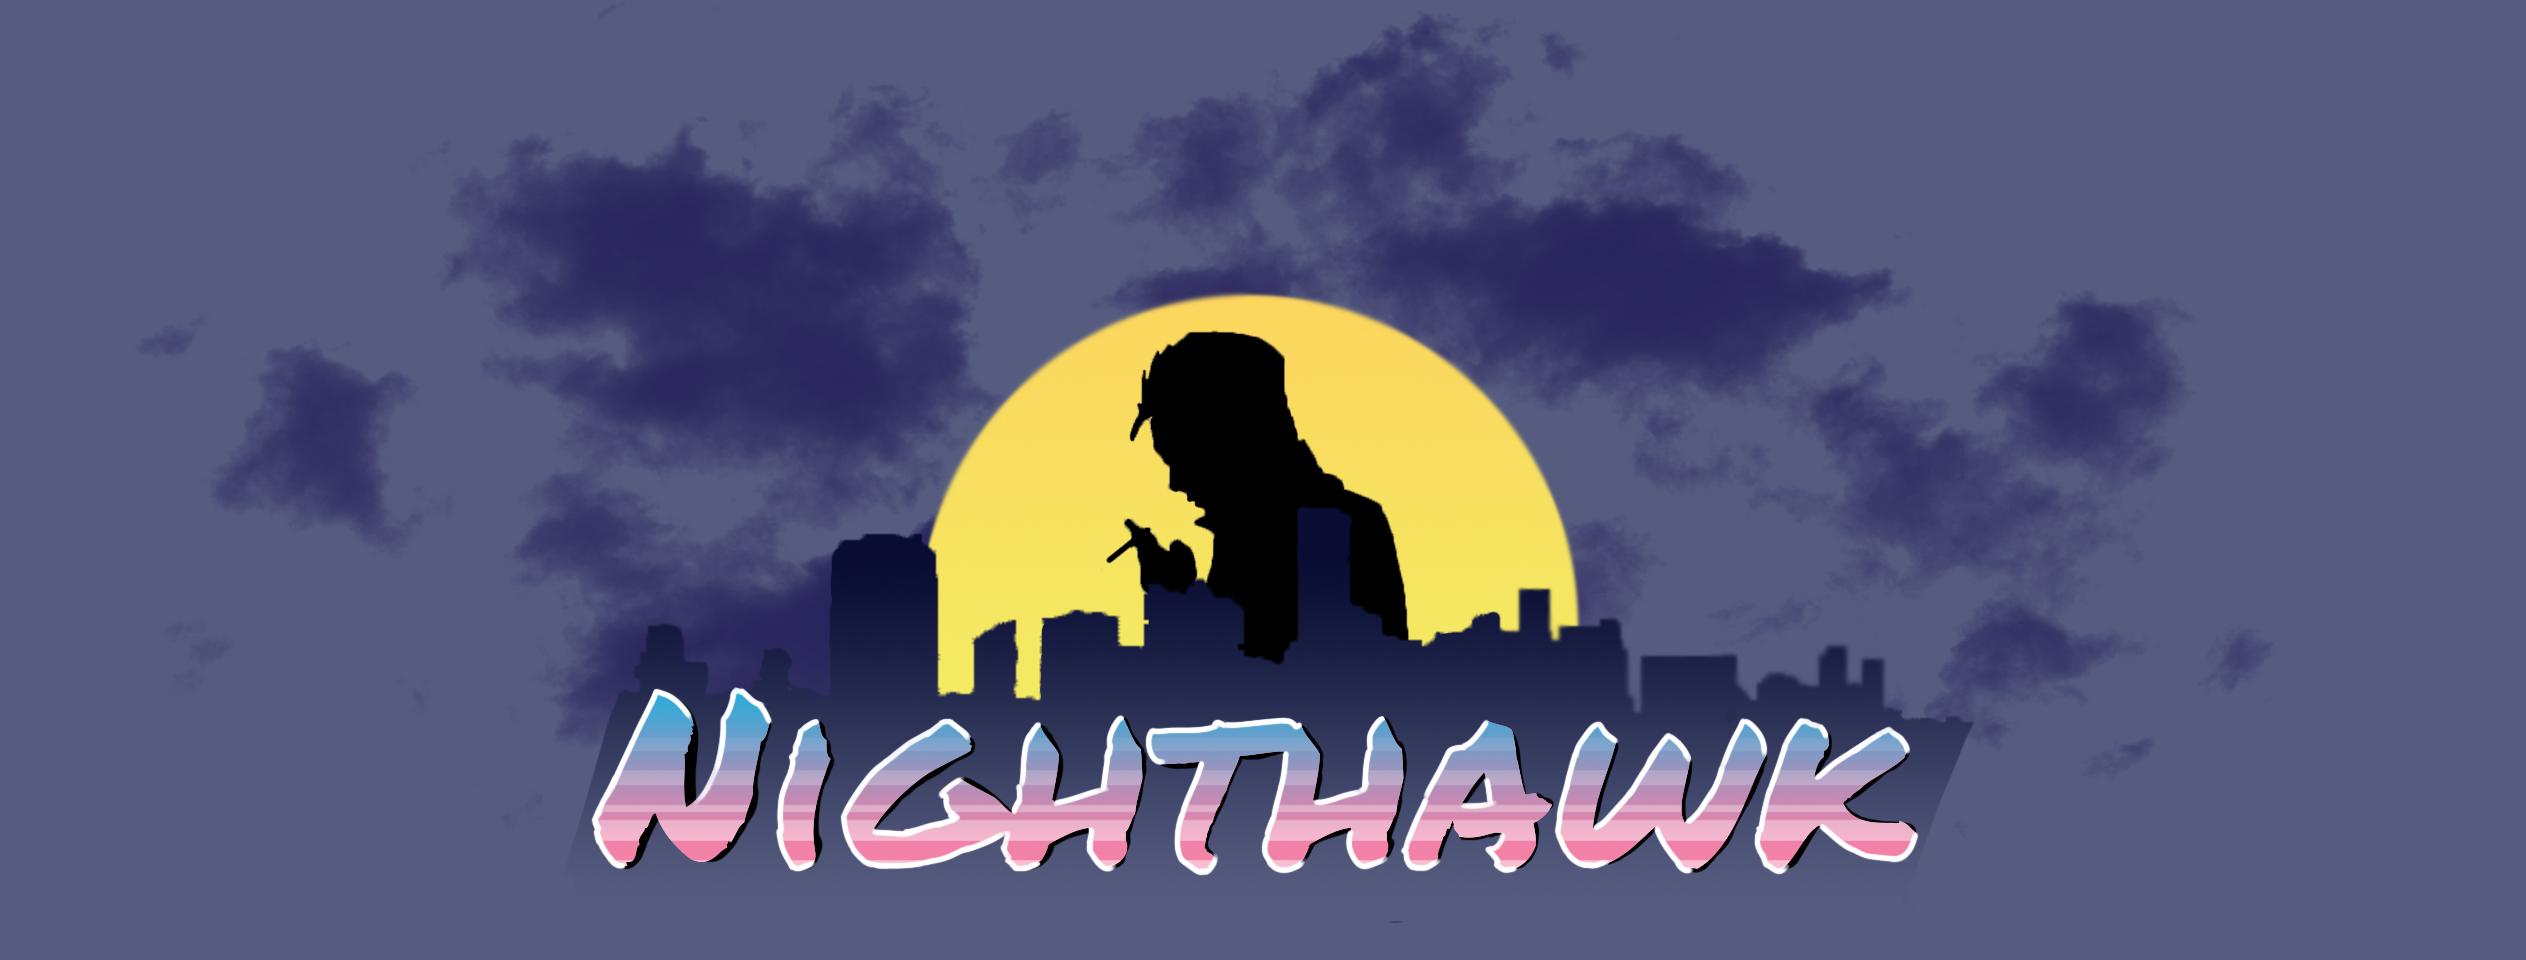 logo_nighthawk.png